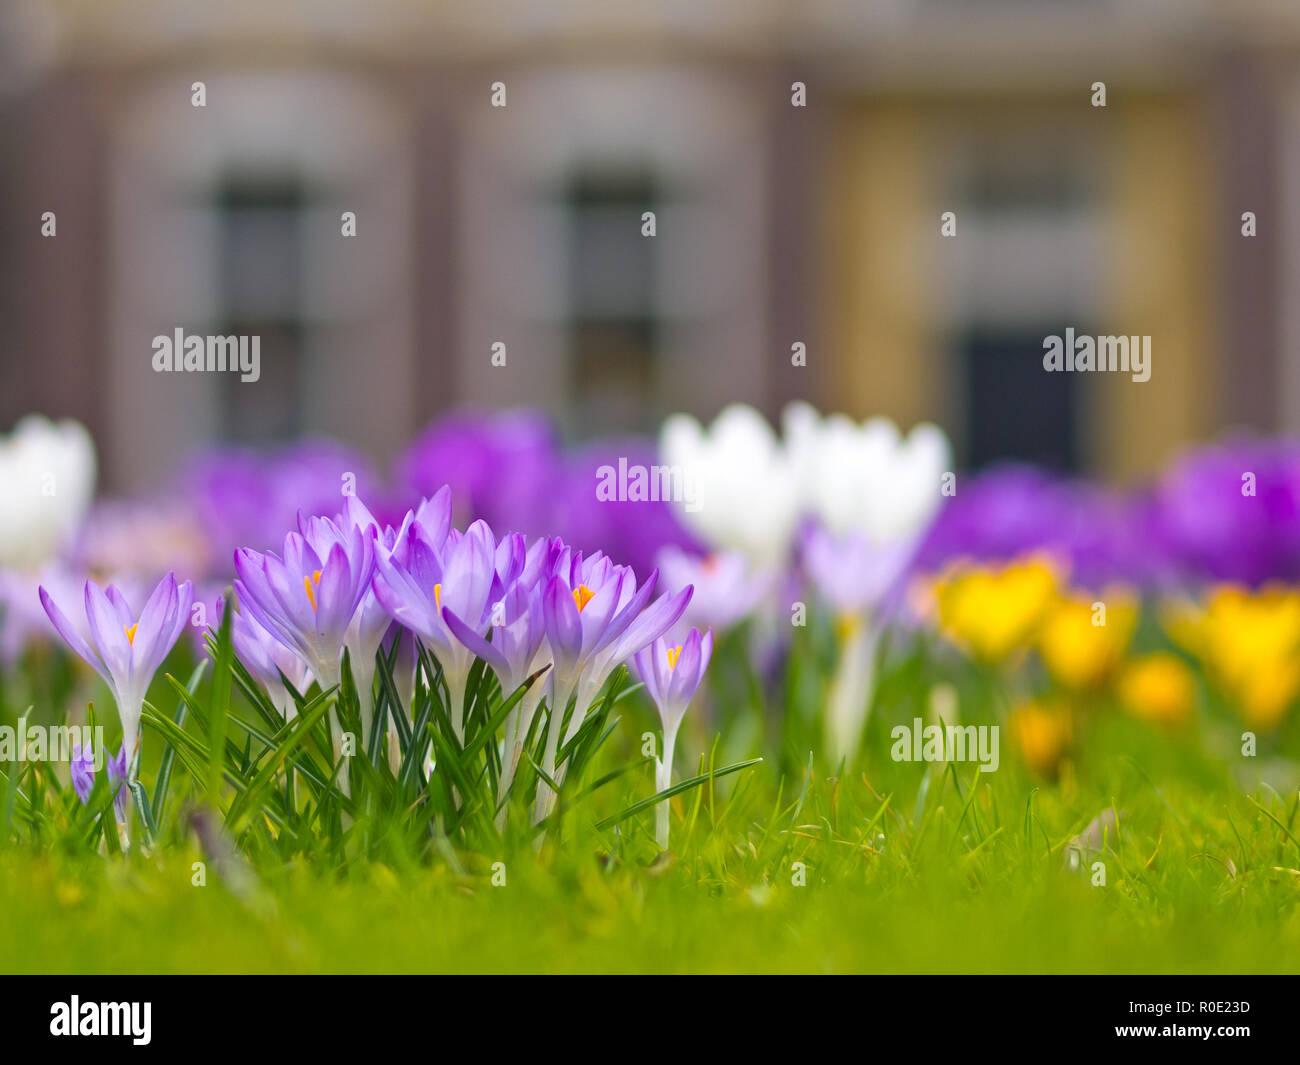 Een groepje lila krokussen in een onscherp voorjaarsveld - Stock Image